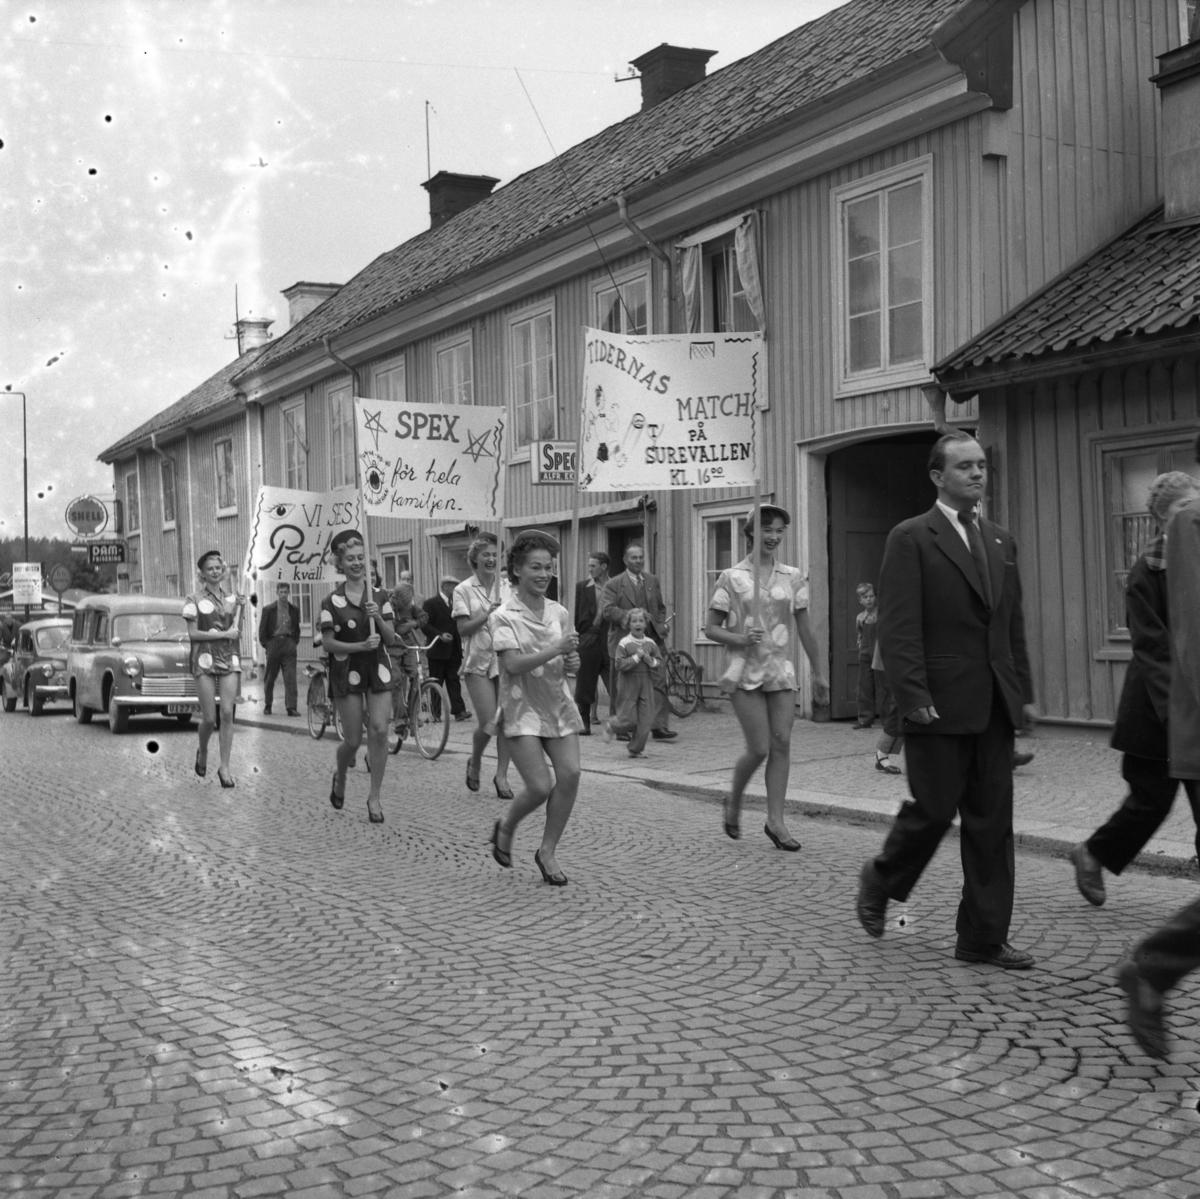 Casinorevyn i parad på Nygatan. Kvinnor bär skyltar om att det spelas fotbollsmatch på Sturevallen och att det blir ett nöje för hela familjen.